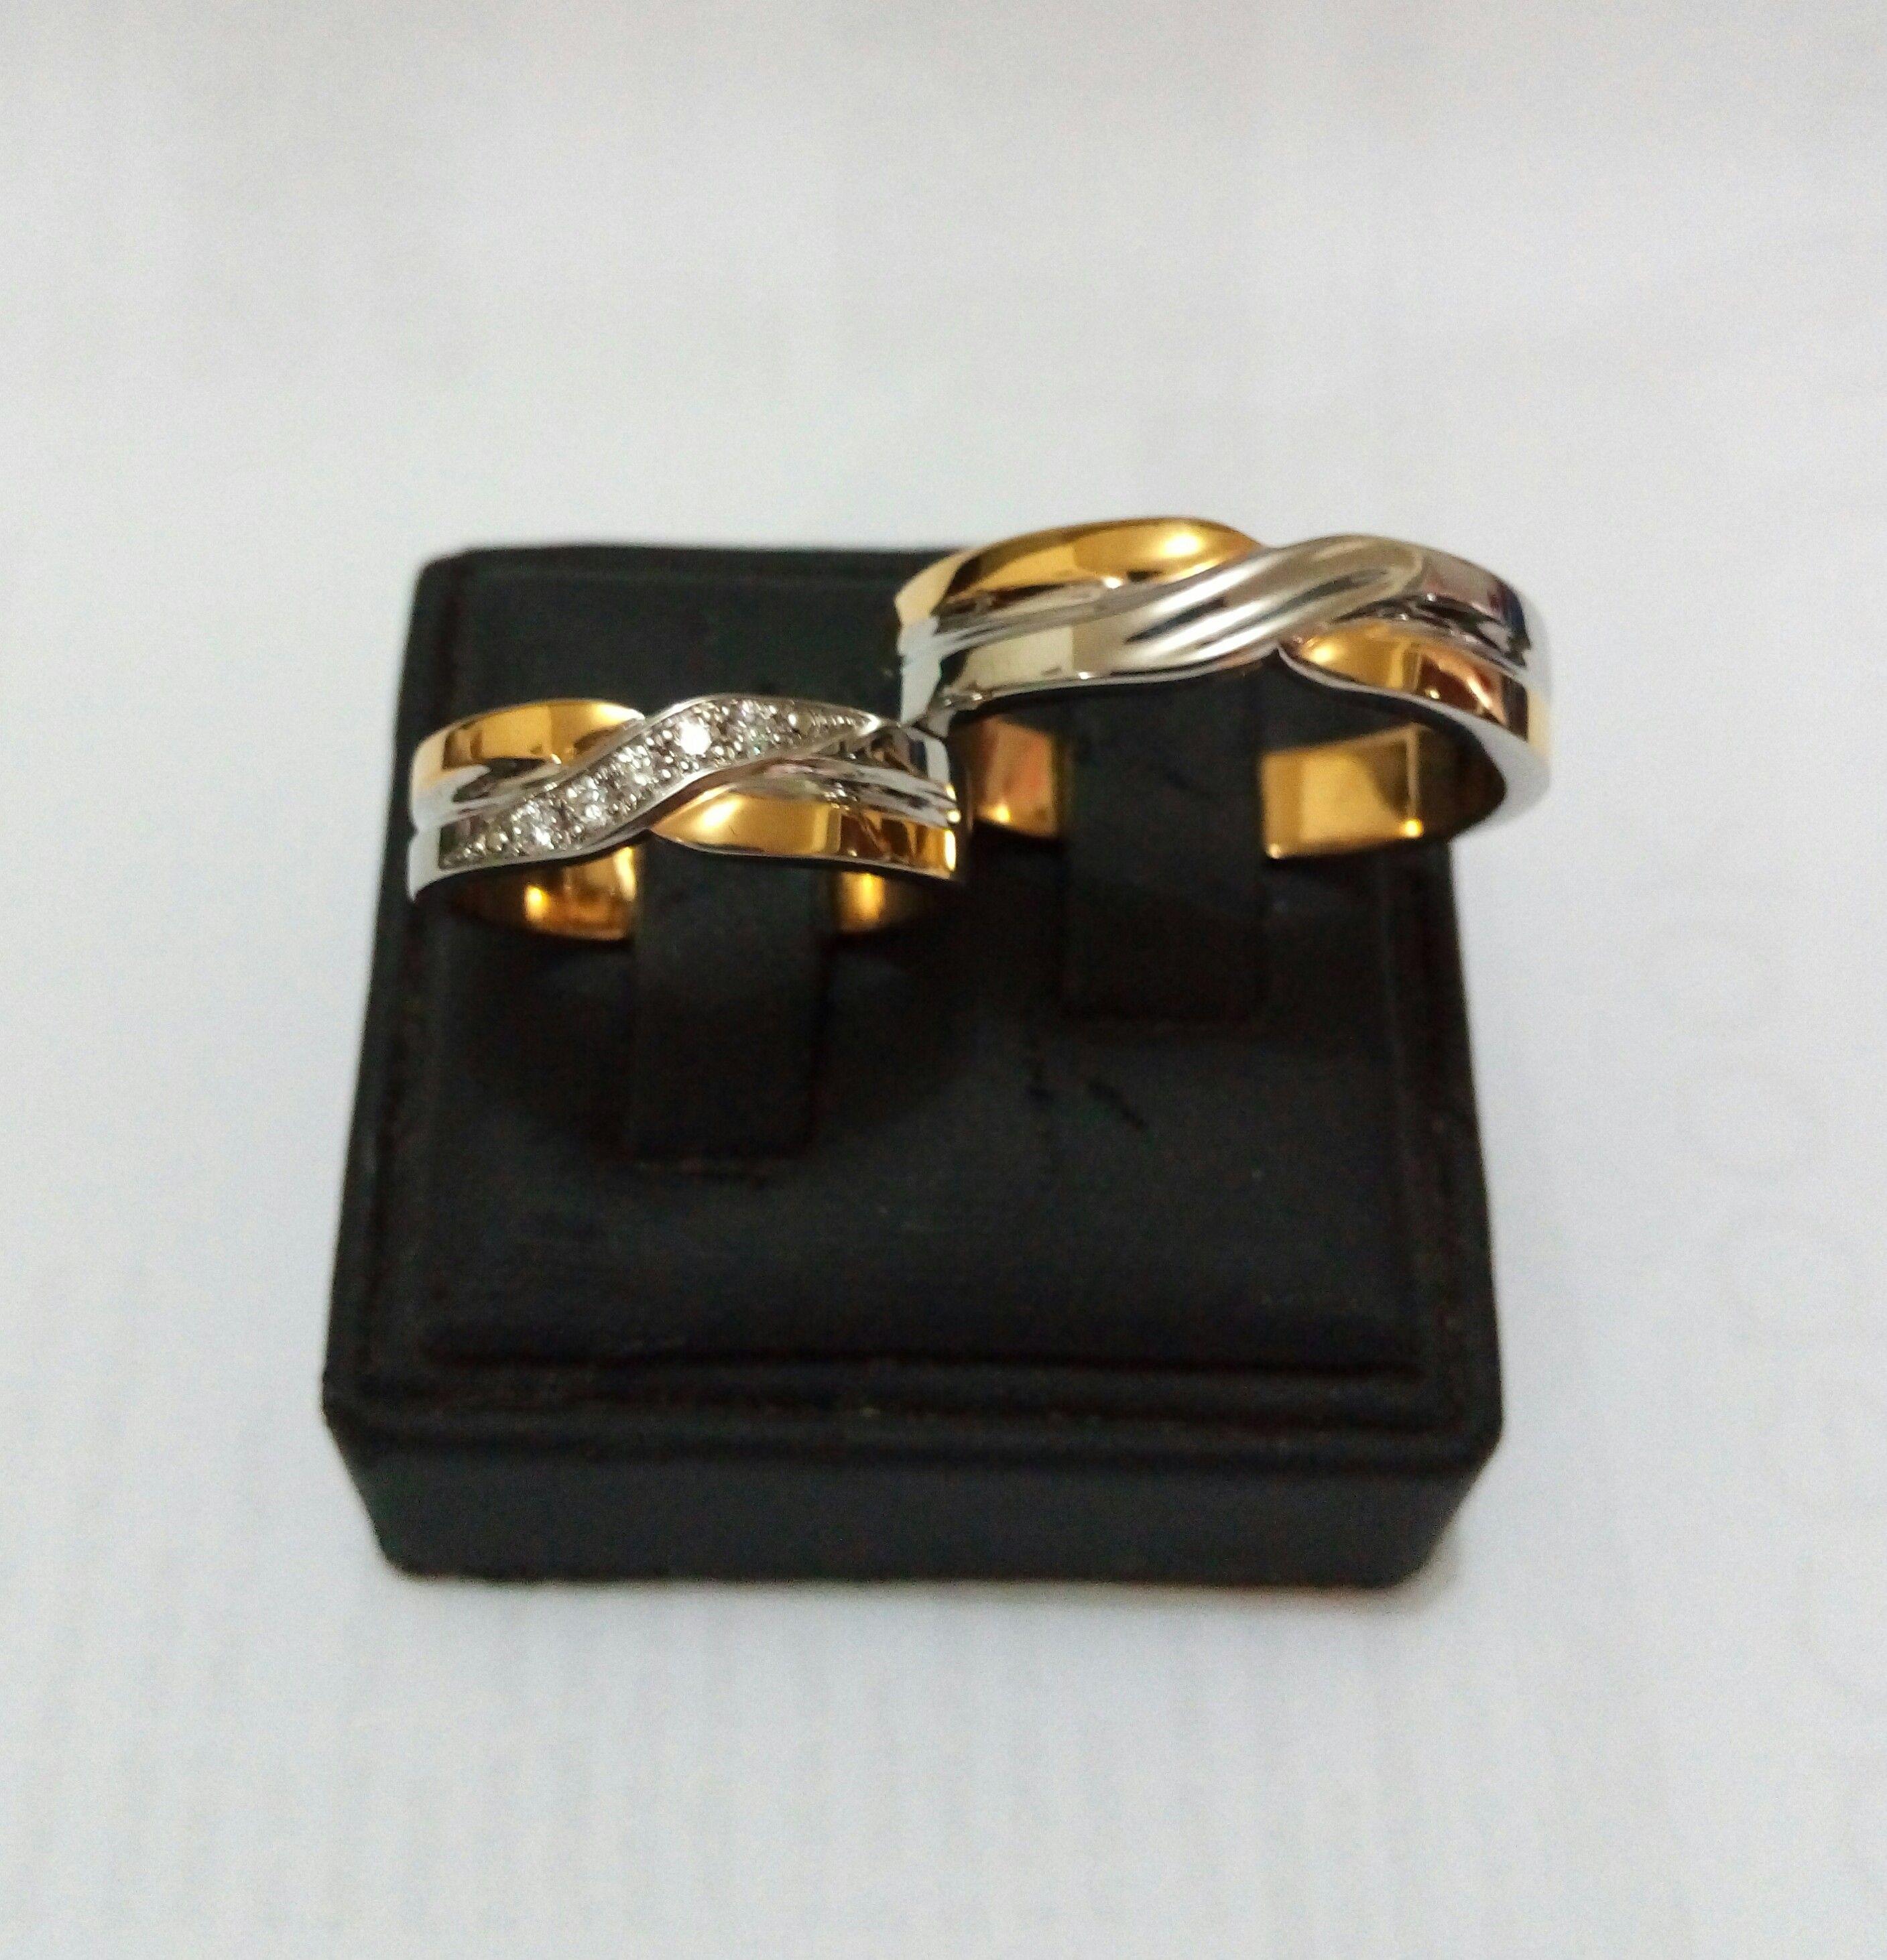 Home Di 2018 Cincin Nikah Pinterest Diamond Dan Rose Ring Emas Berlian Perhiasan Kawin Palladium 5 Gram